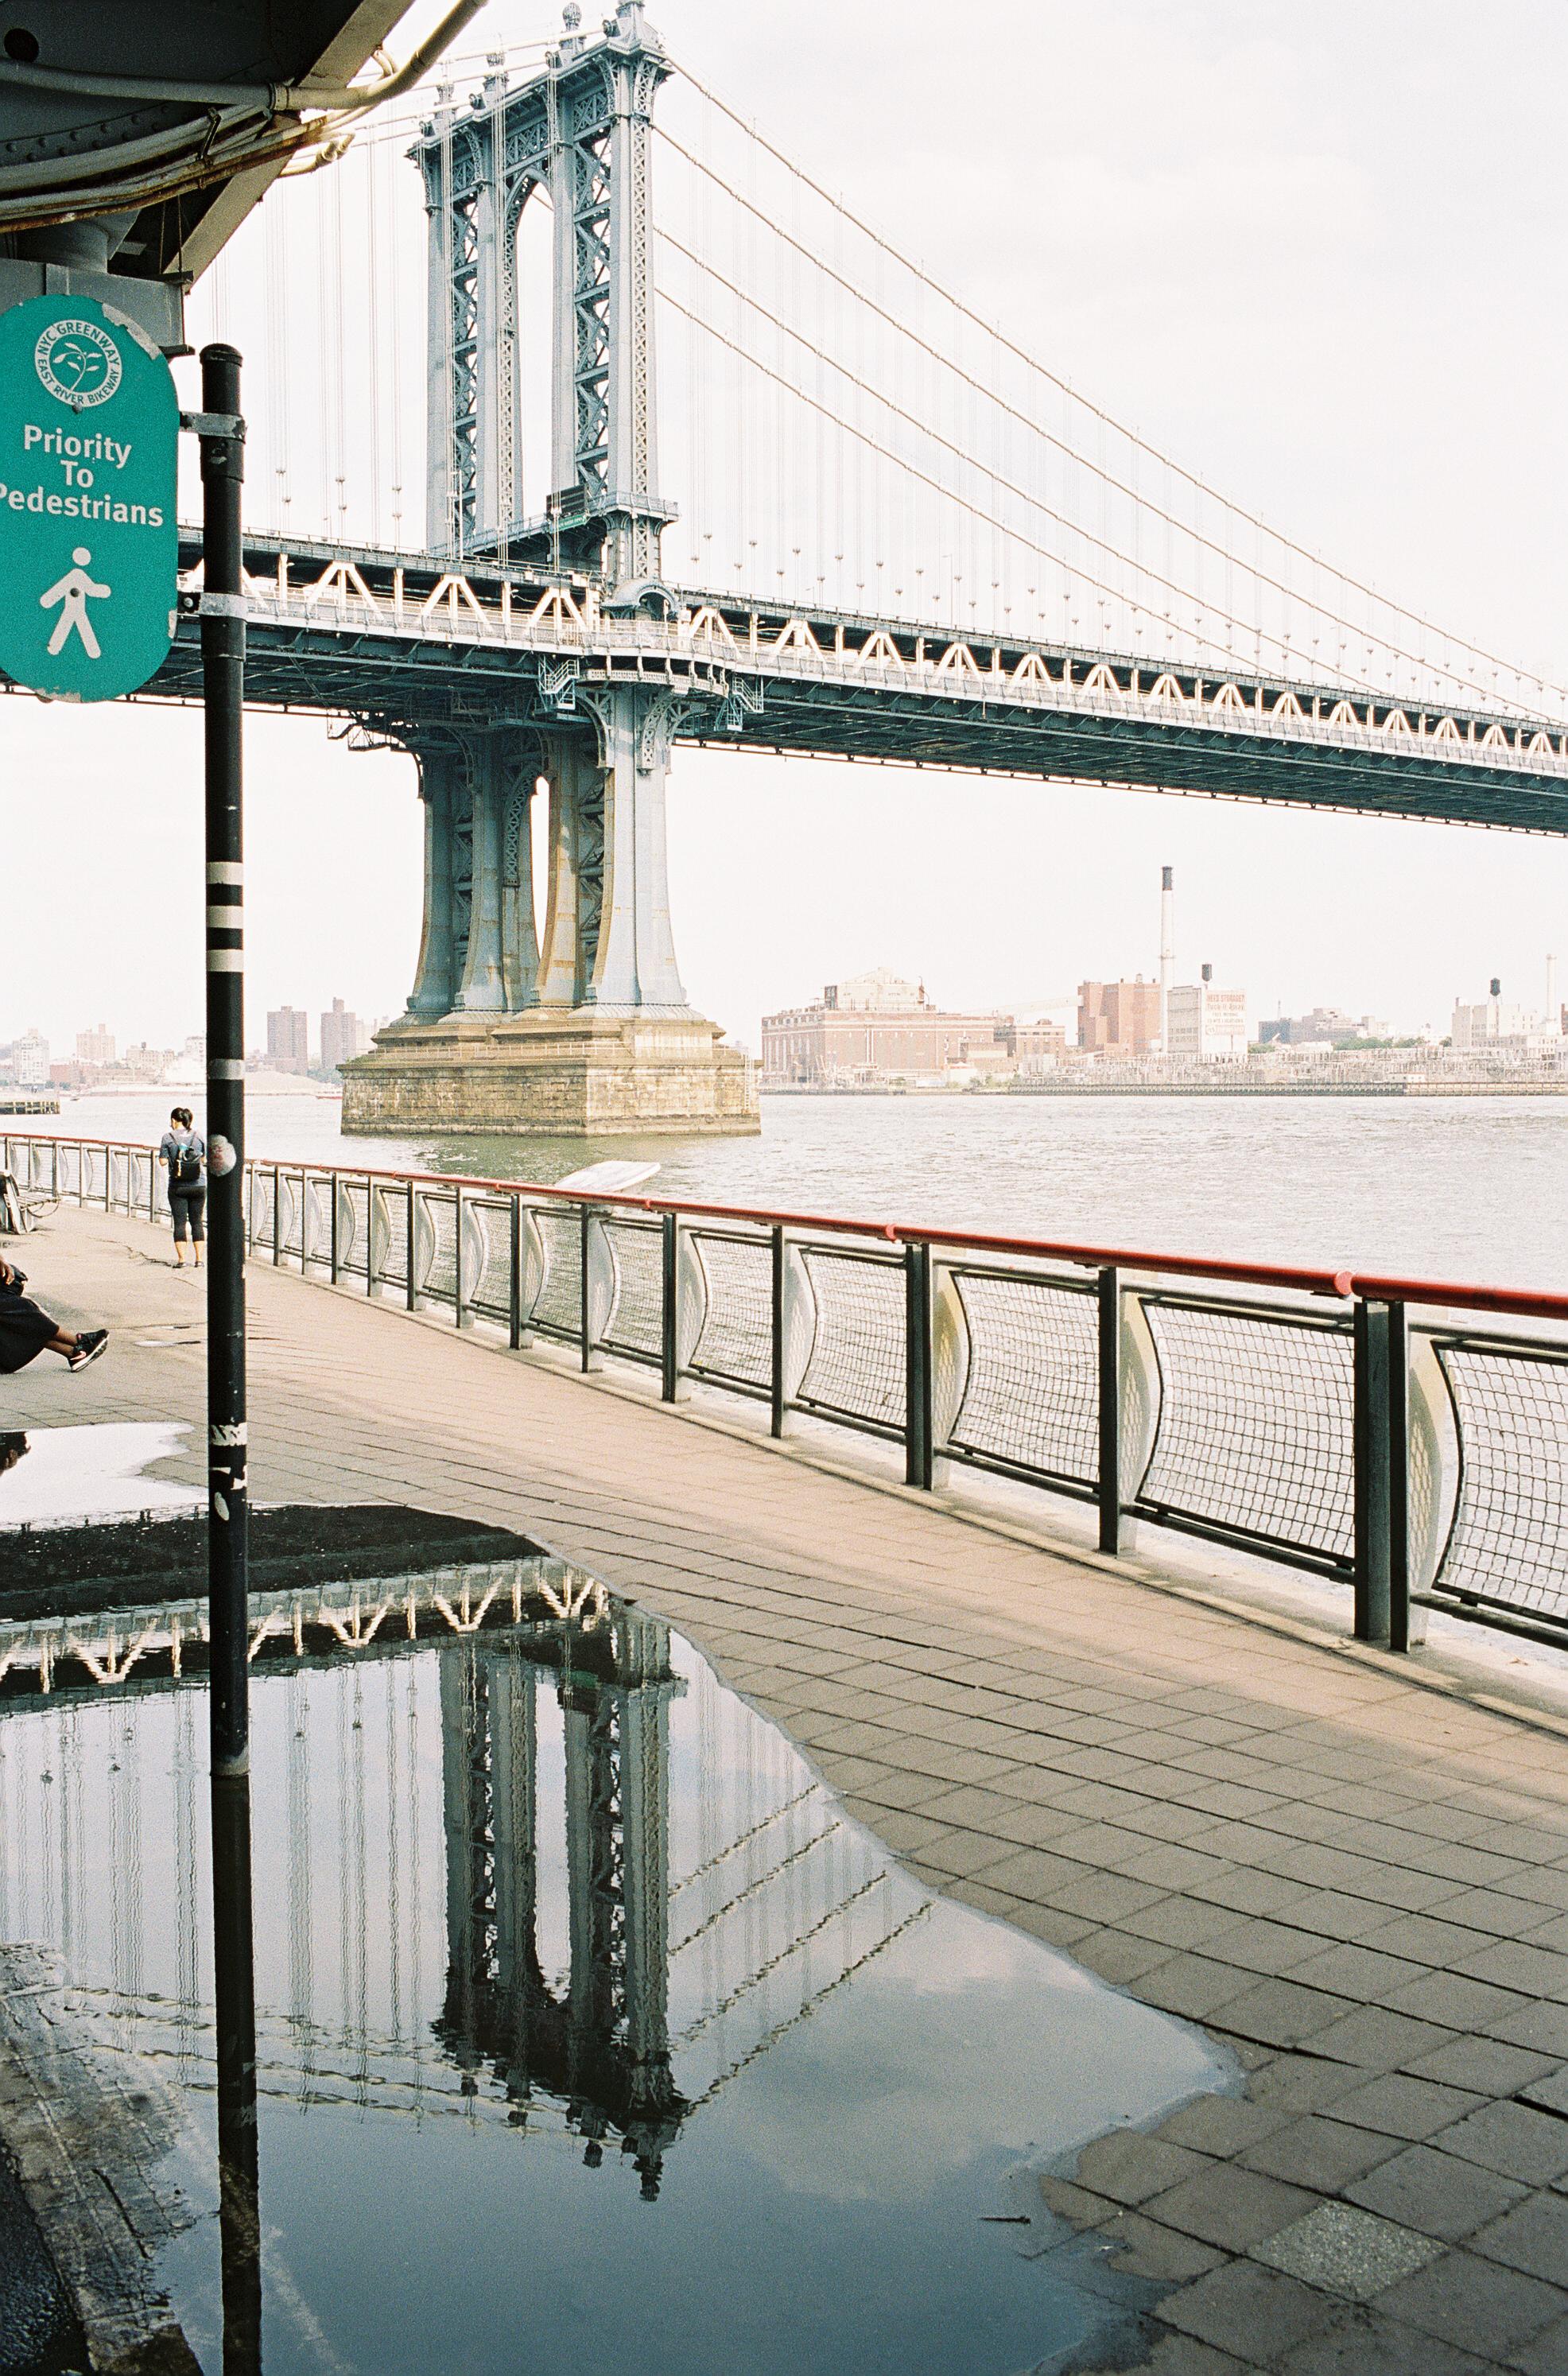 taking-in-new-york-22.jpg